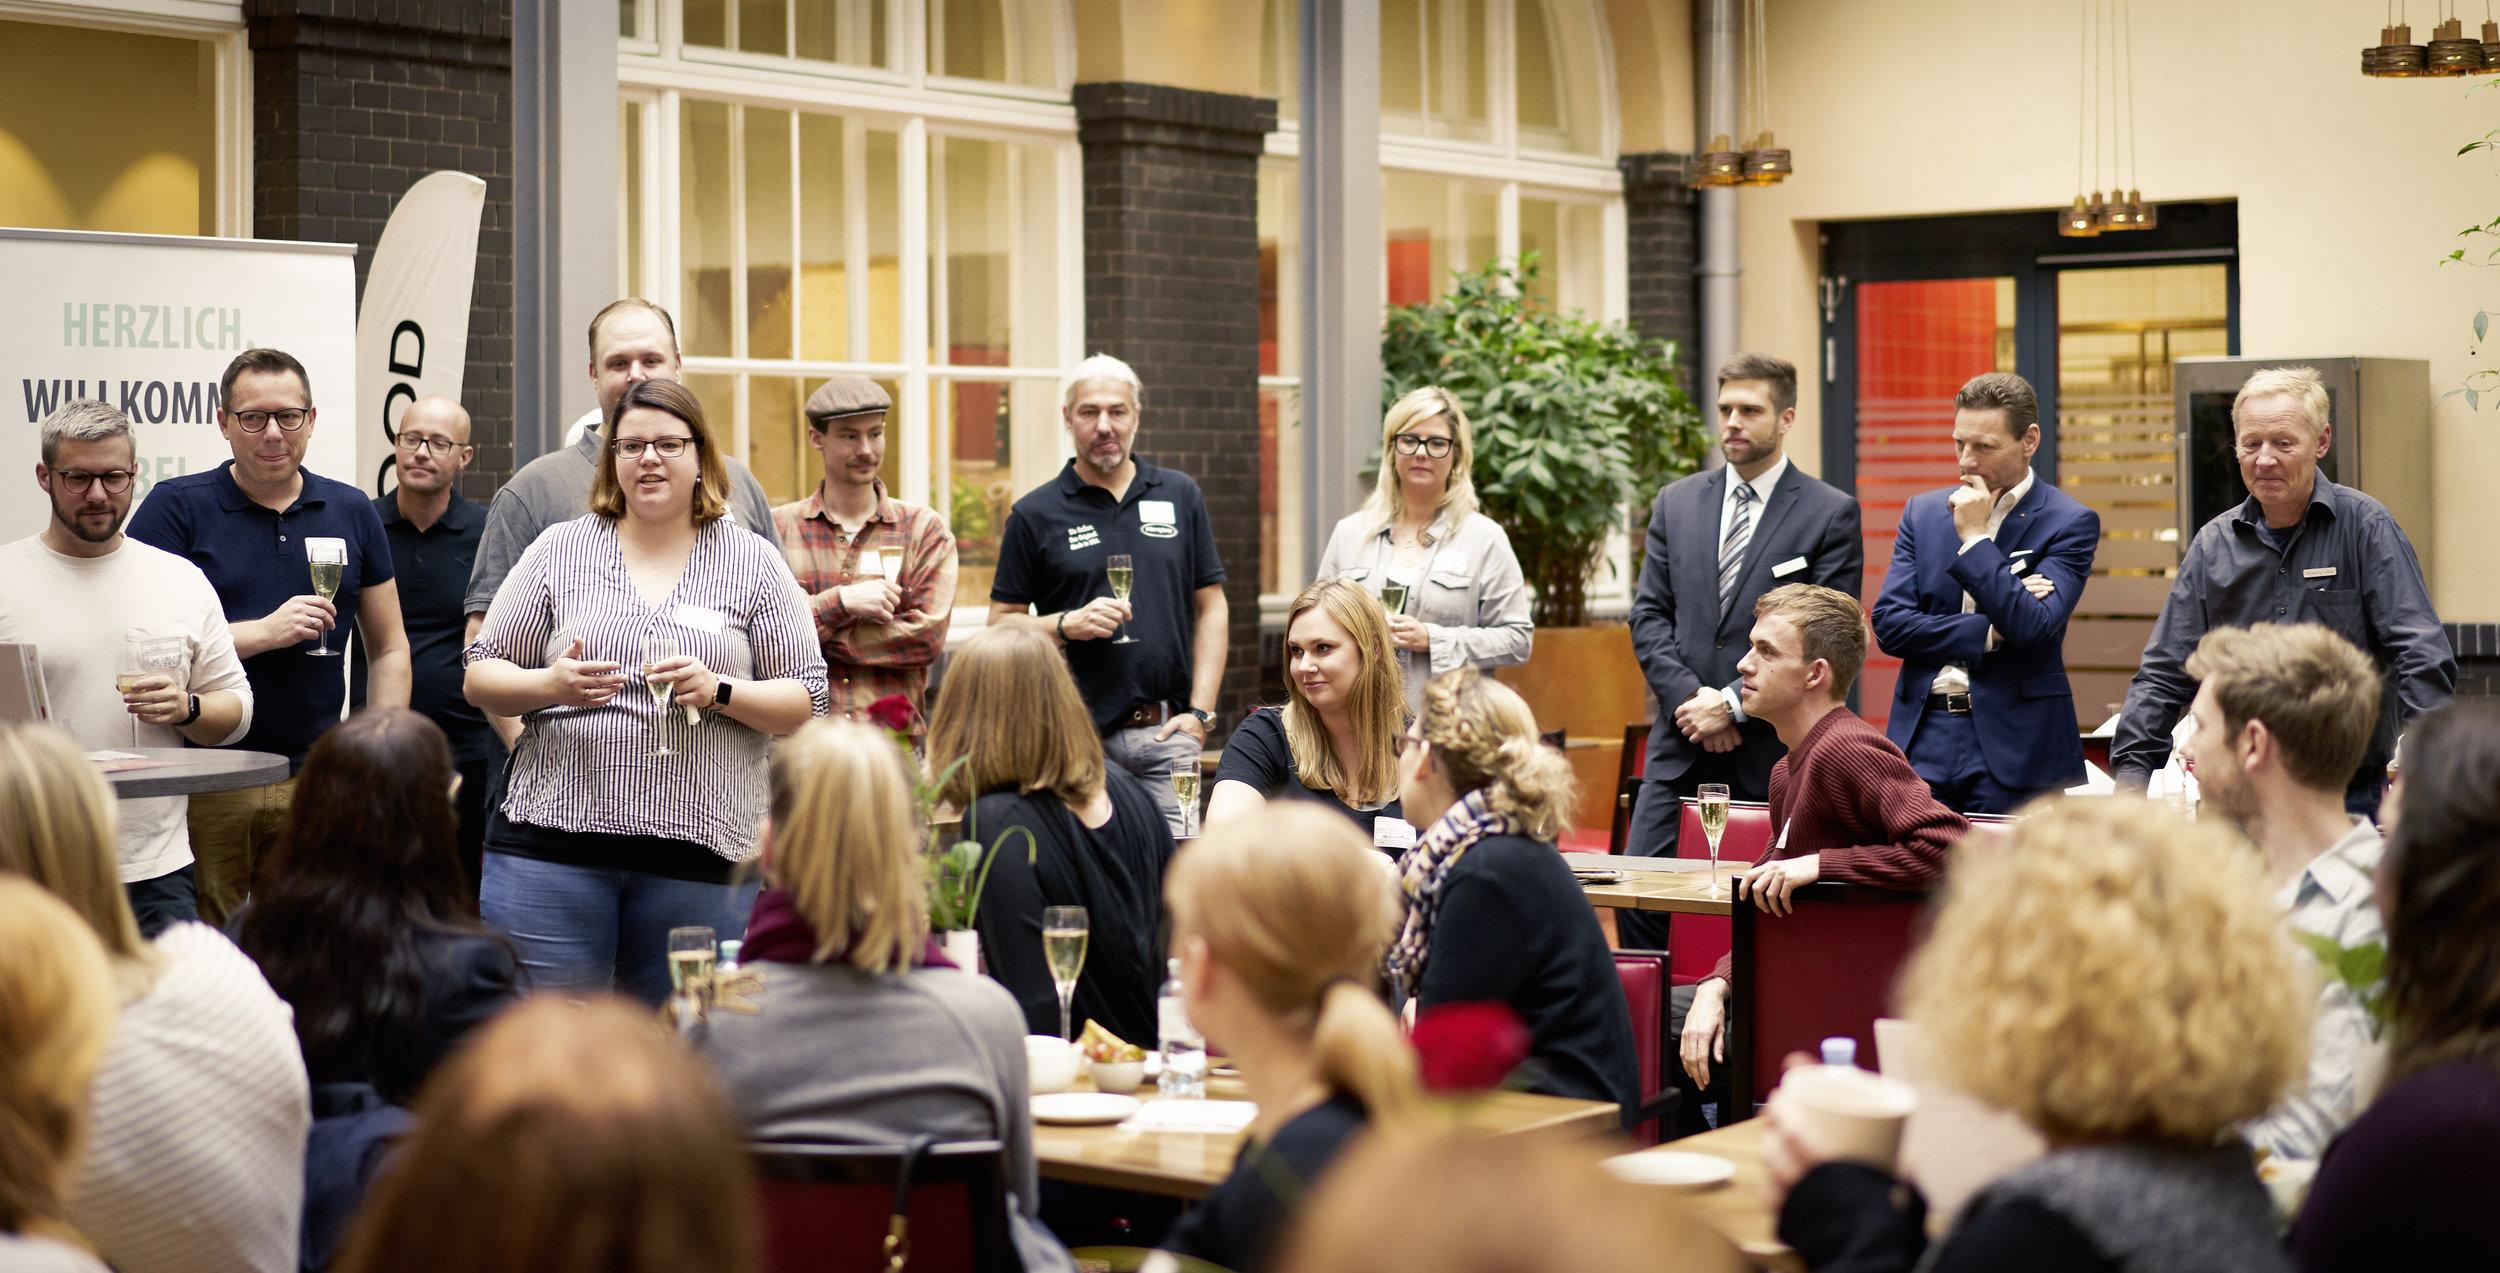 Food_Blog_Meet_Berlin_04 copy.jpg